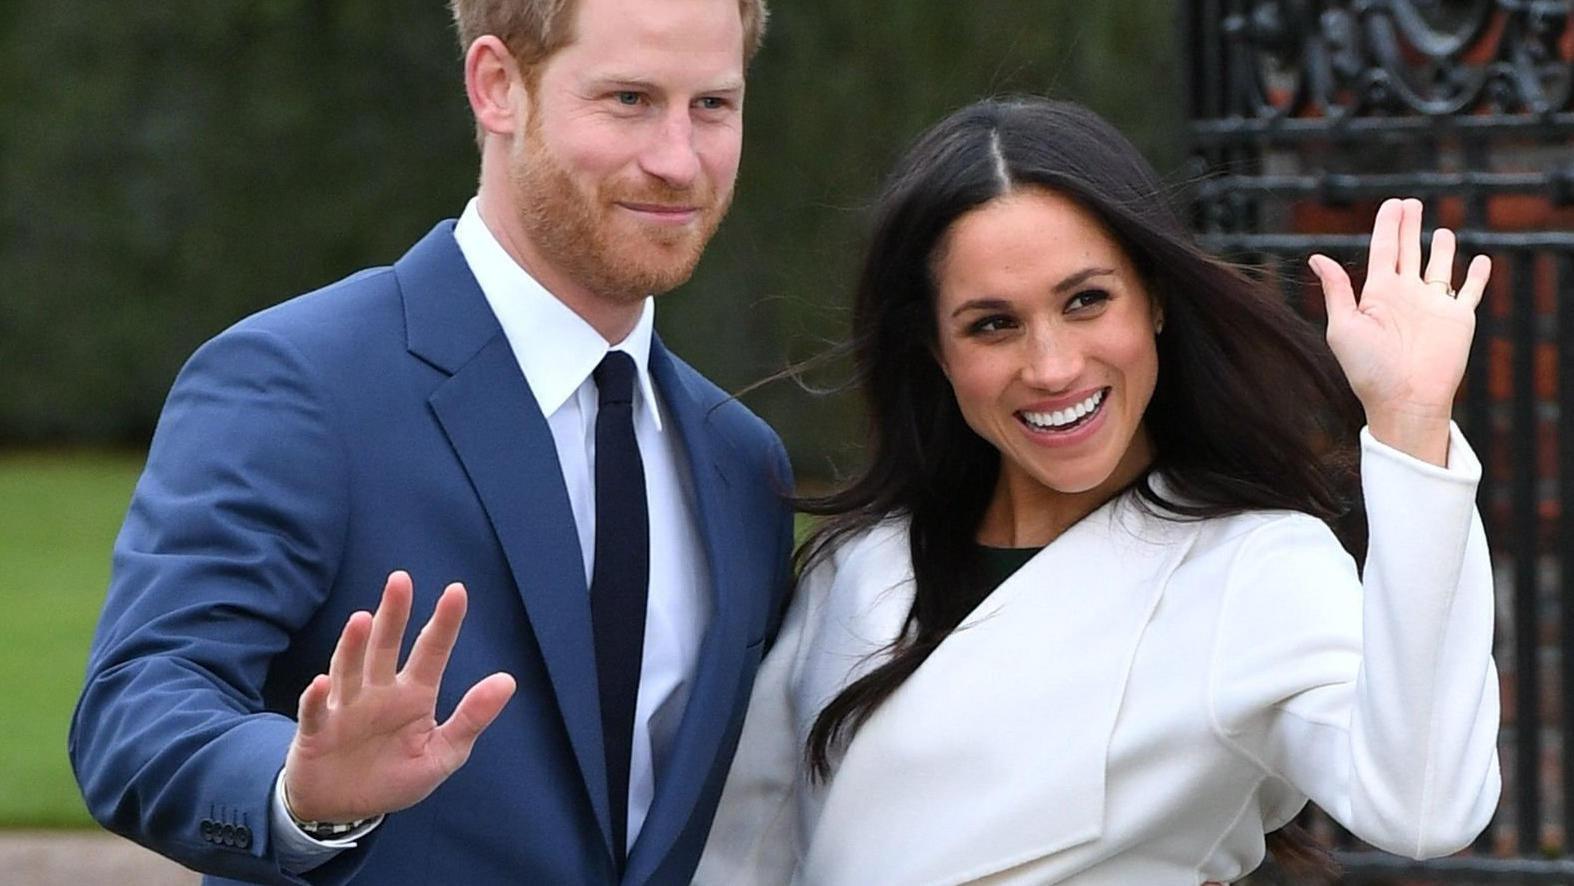 Gästeliste Hochzeit Prinz Harry  Prinz Harry und Meghan Markle Kommt Donald Trump zur